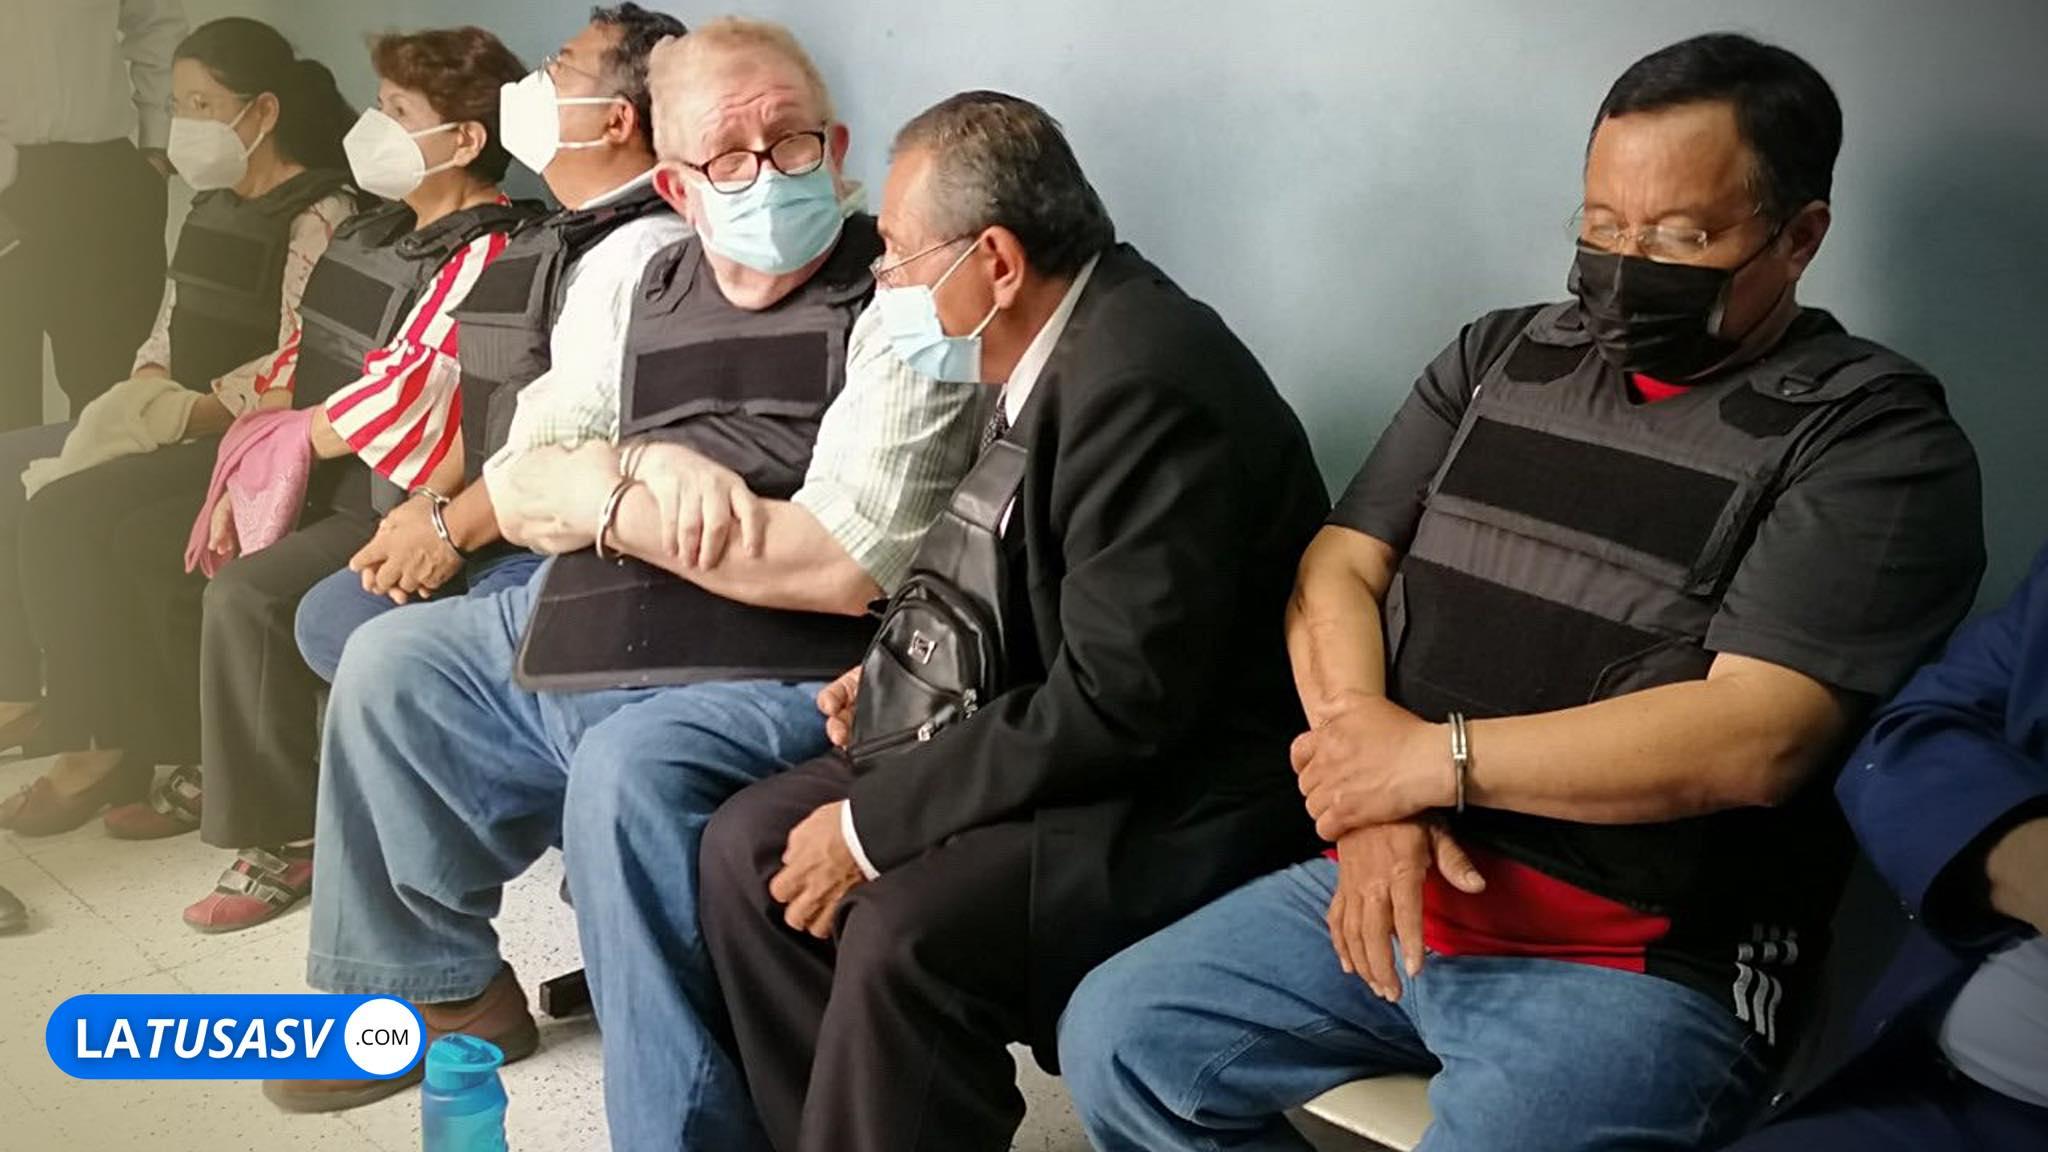 Juez decreta detención provisional para los 5  detenidos del FMLN por sobresueldos y lavado de dinero